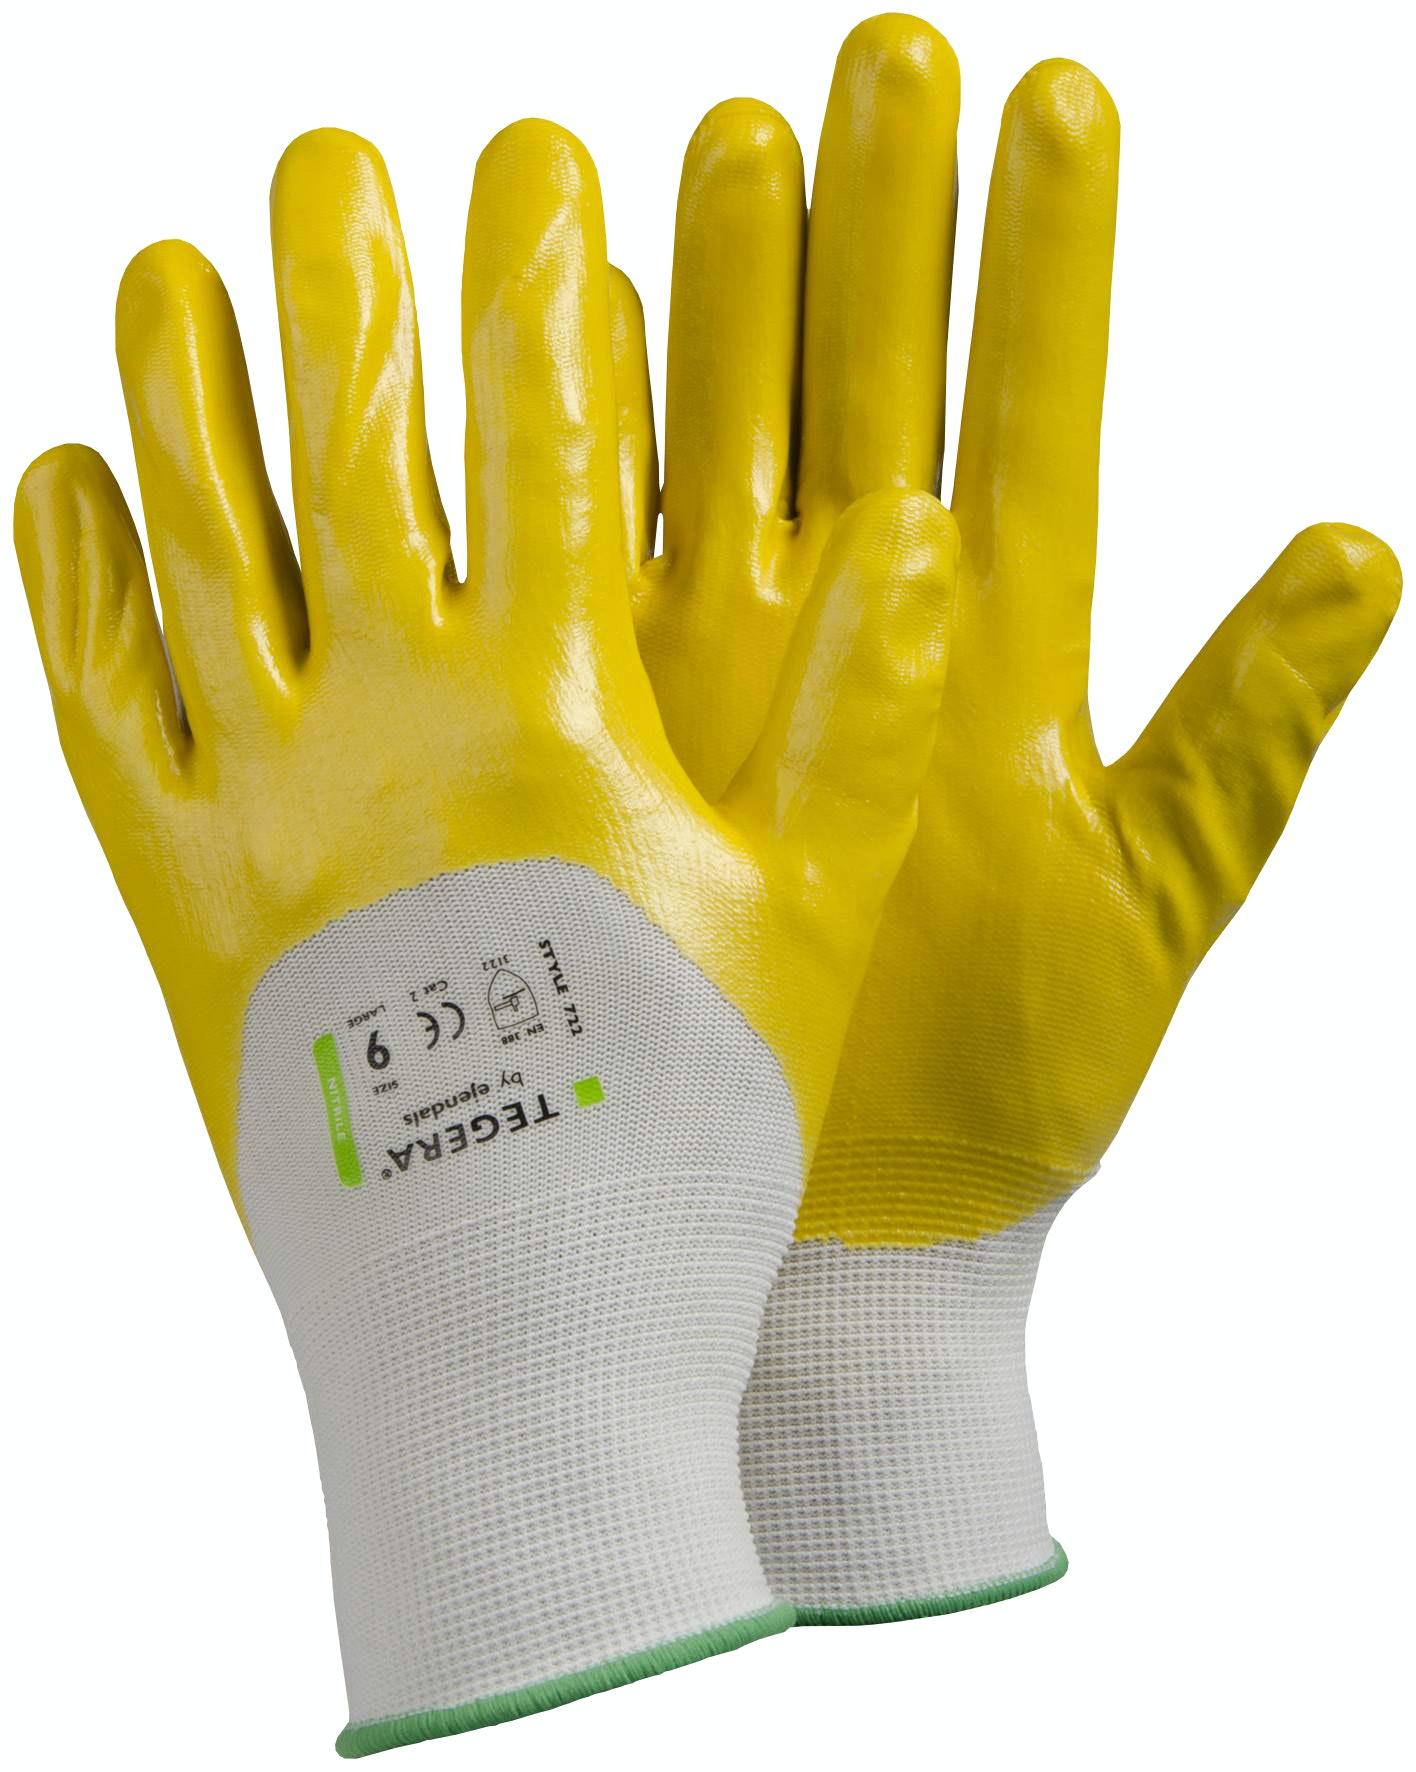 Handskar Tegera Nitrildoppad Stl 7